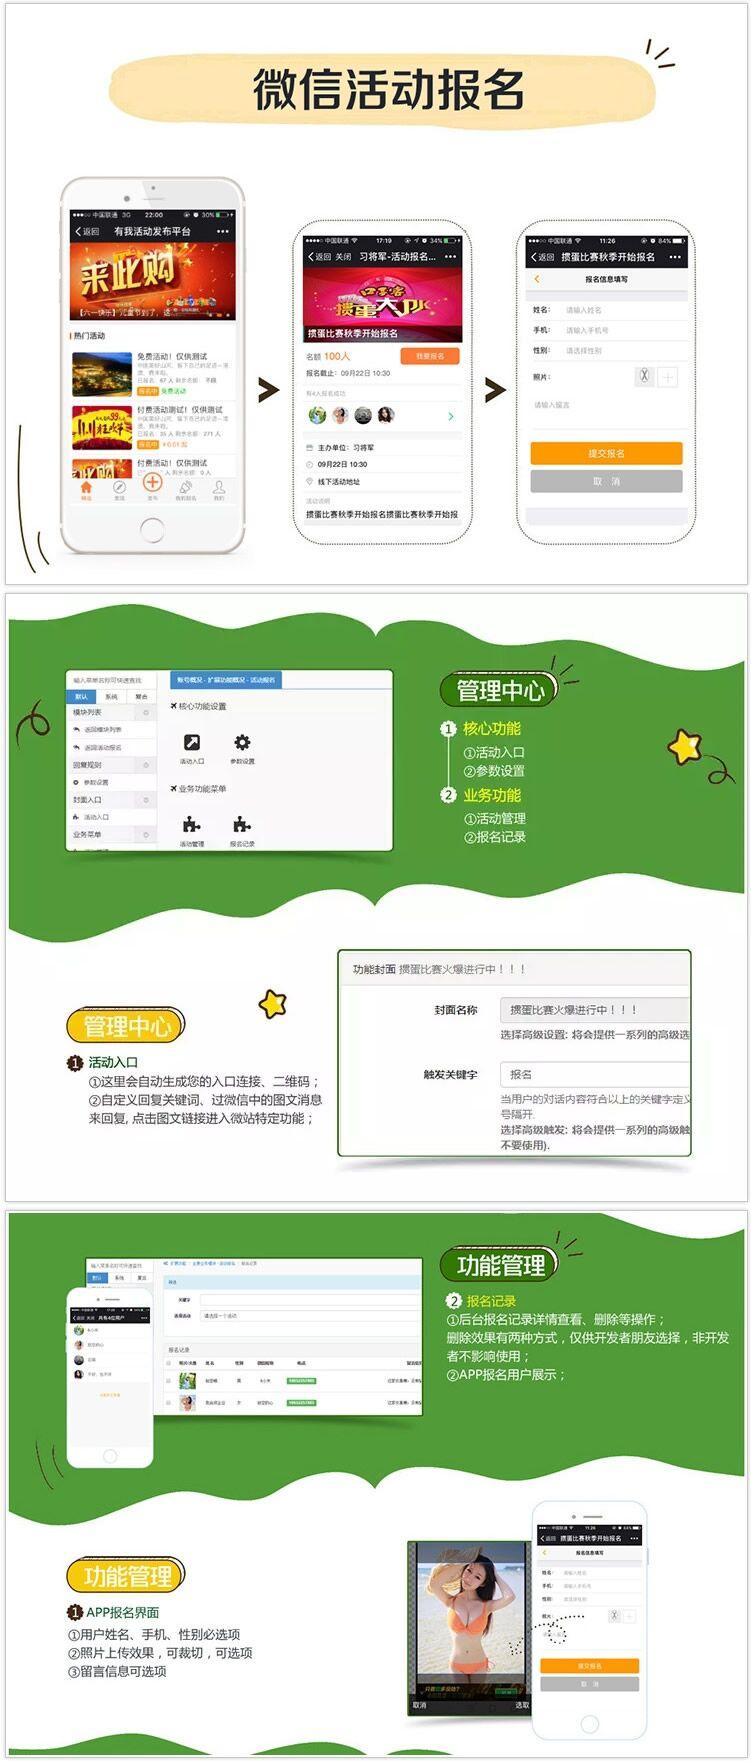 微擎模块微信公众号应用 活动报名 V4.4.9+年卡插件V1.1.8+分销海报V1.1.2